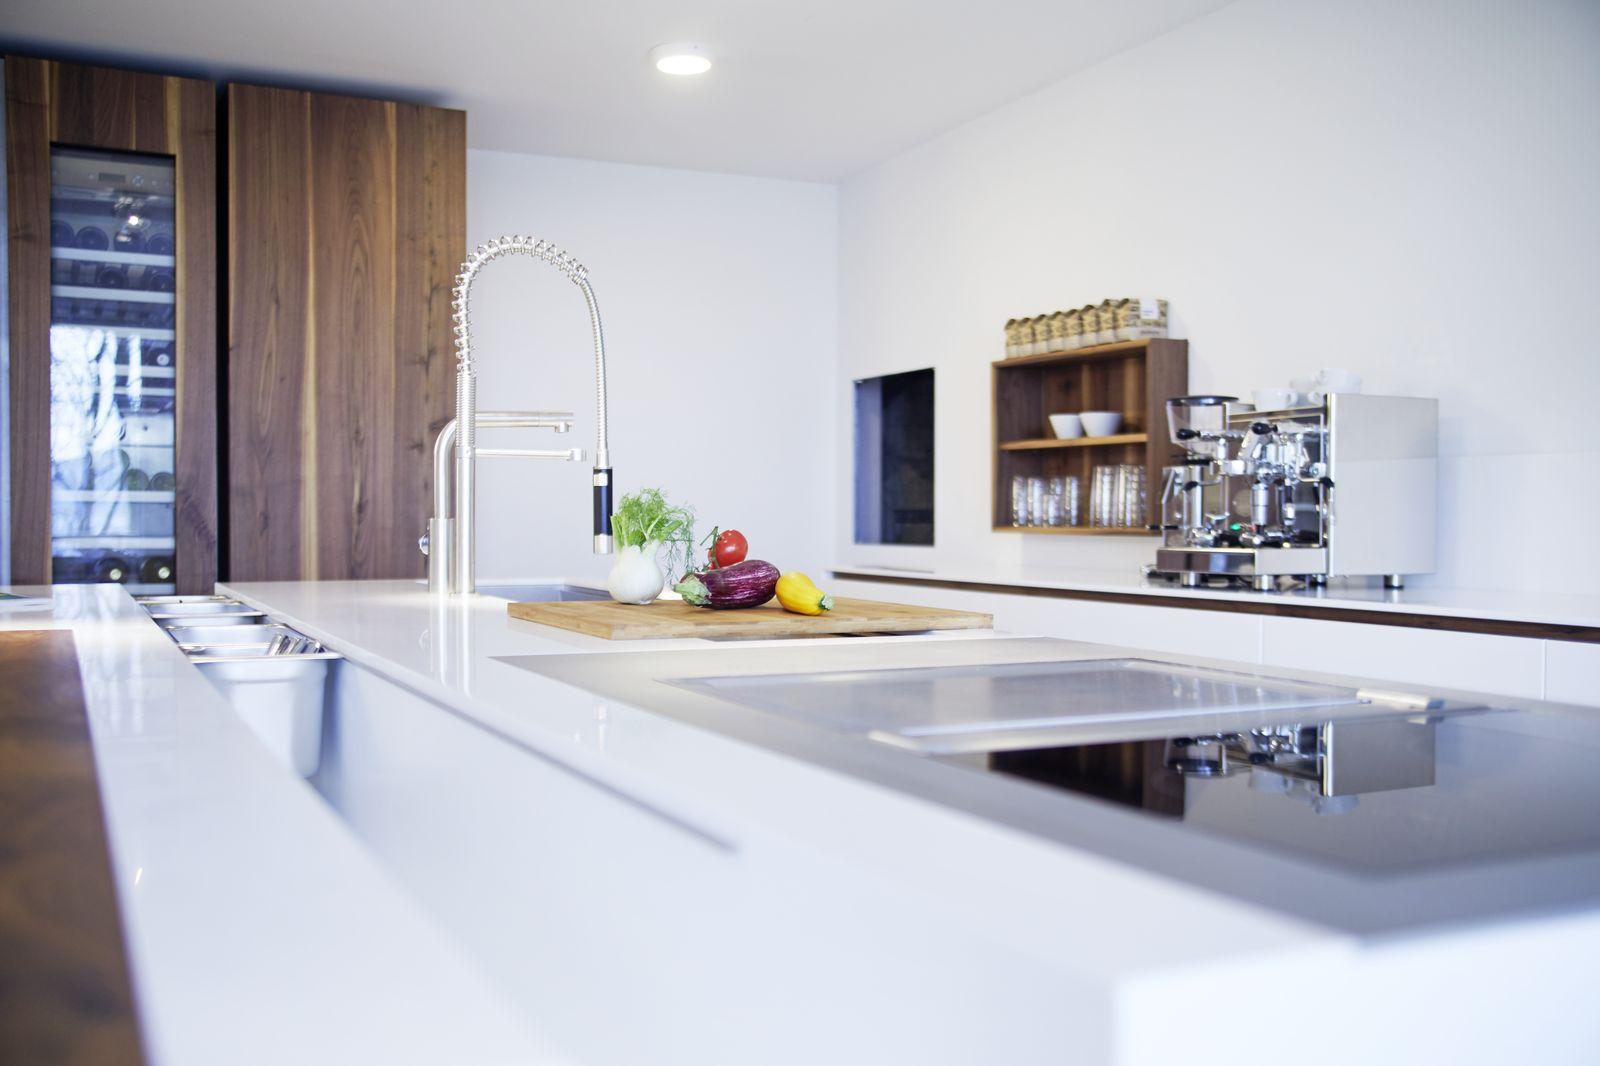 plan 3 kitchens / Above-ground bunker in Siegen / plan 3 kitchen manufactory